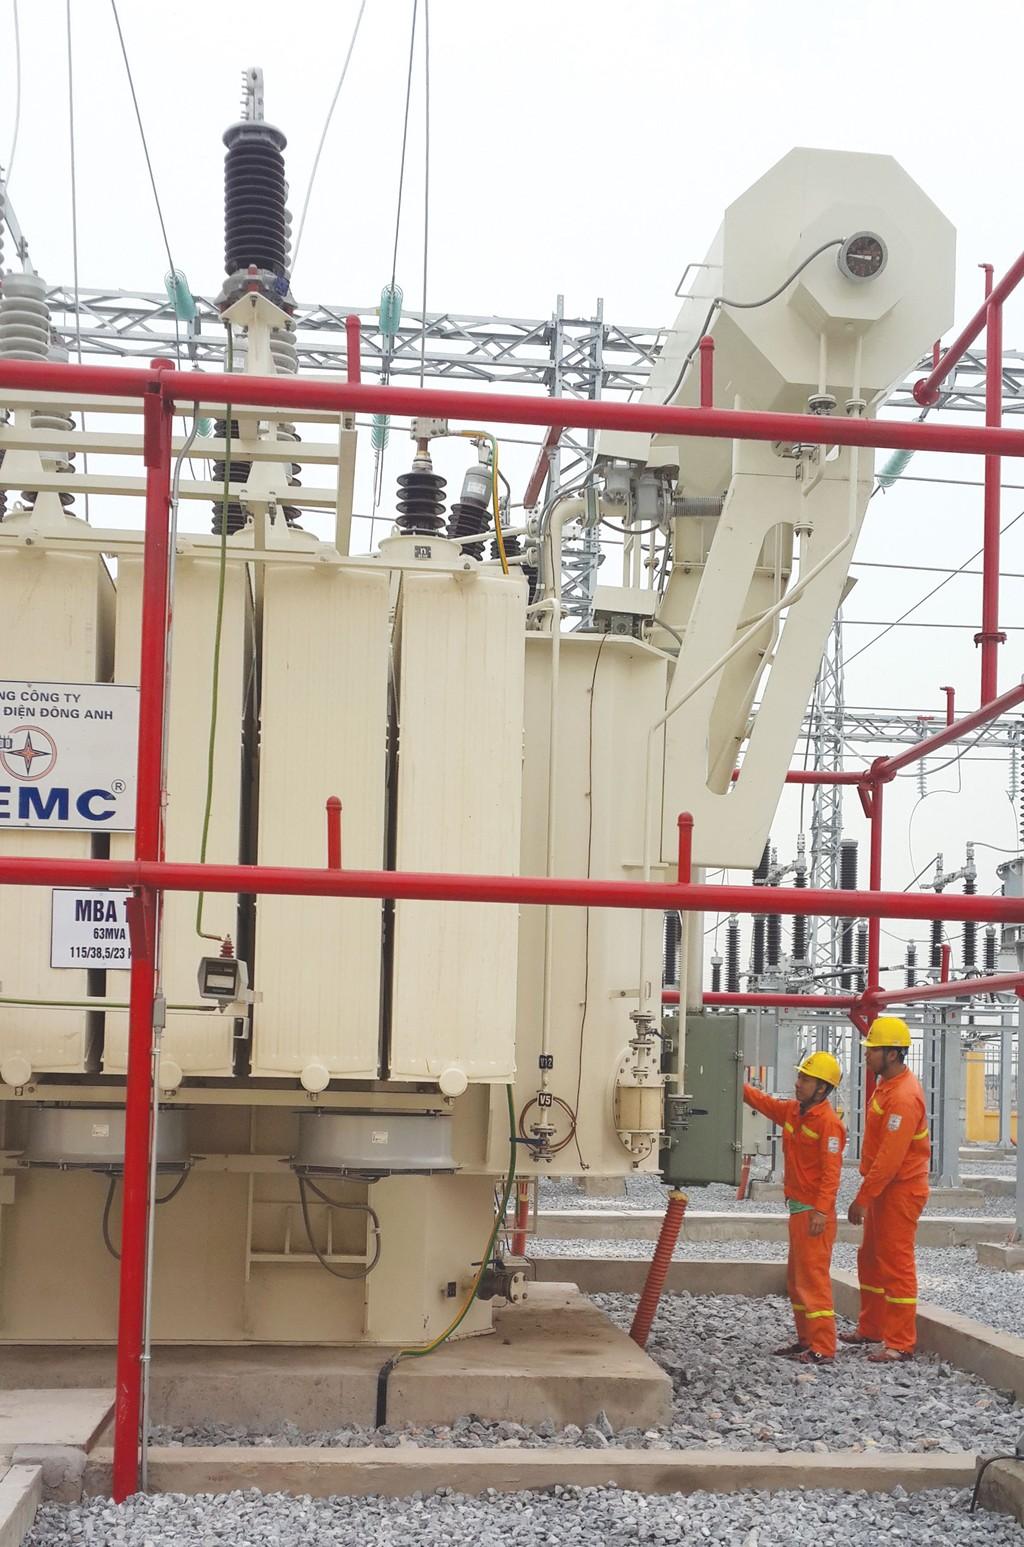 PC Bắc Ninh bảo đảm cấp điện cho nhà đầu tư - ảnh 1